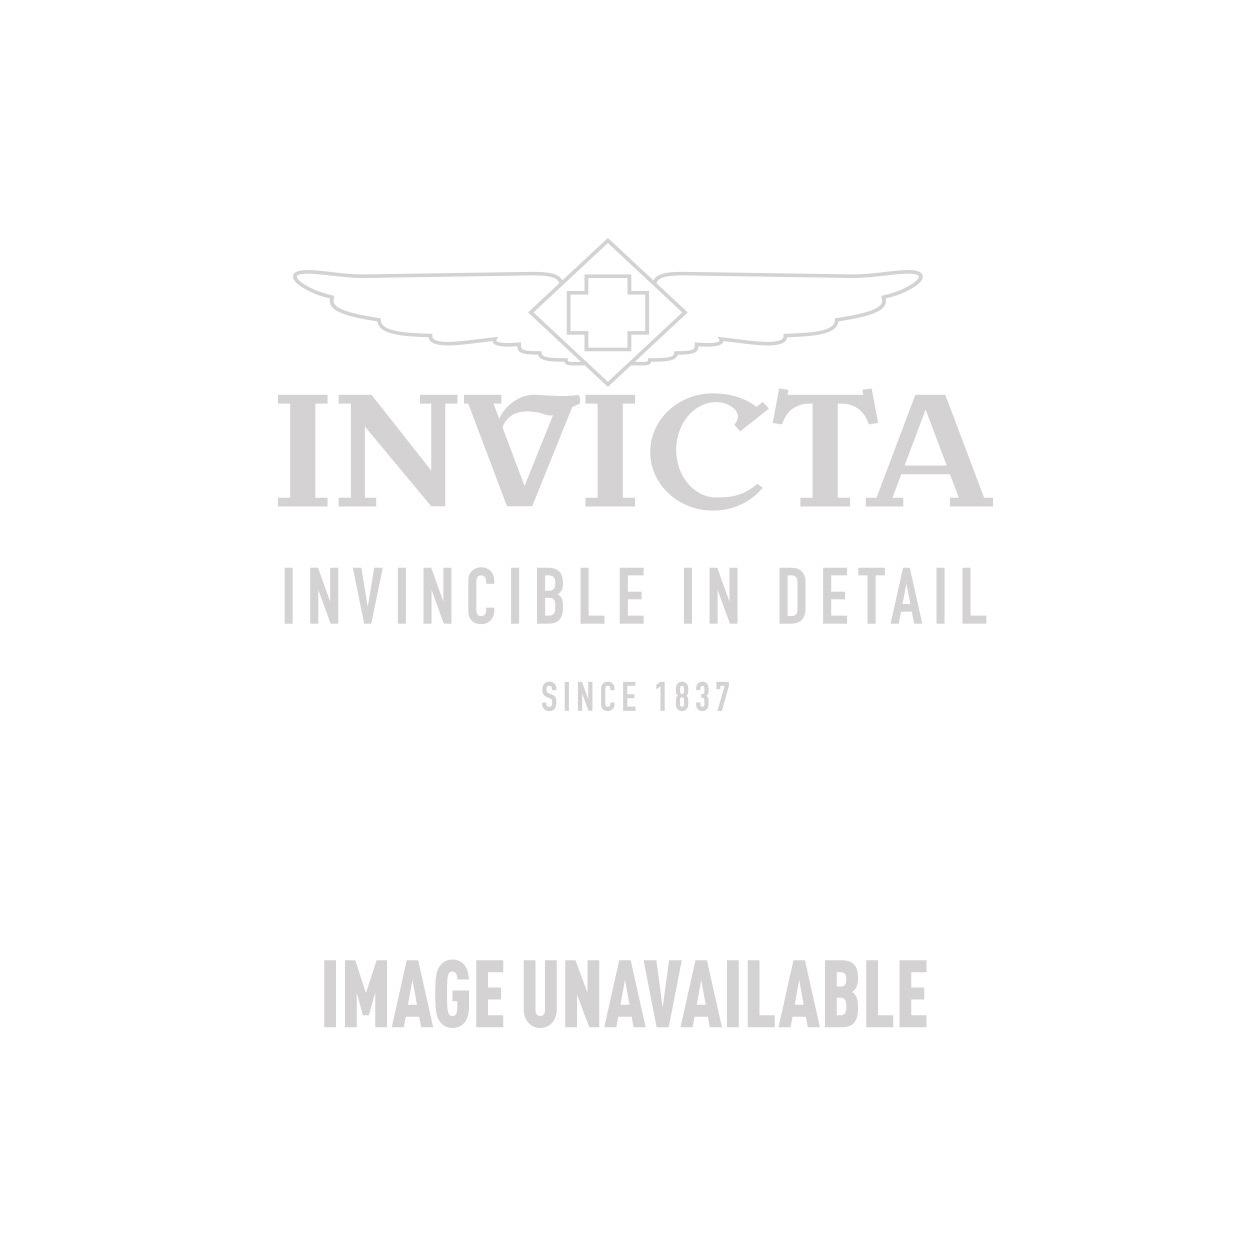 Invicta Model 29059